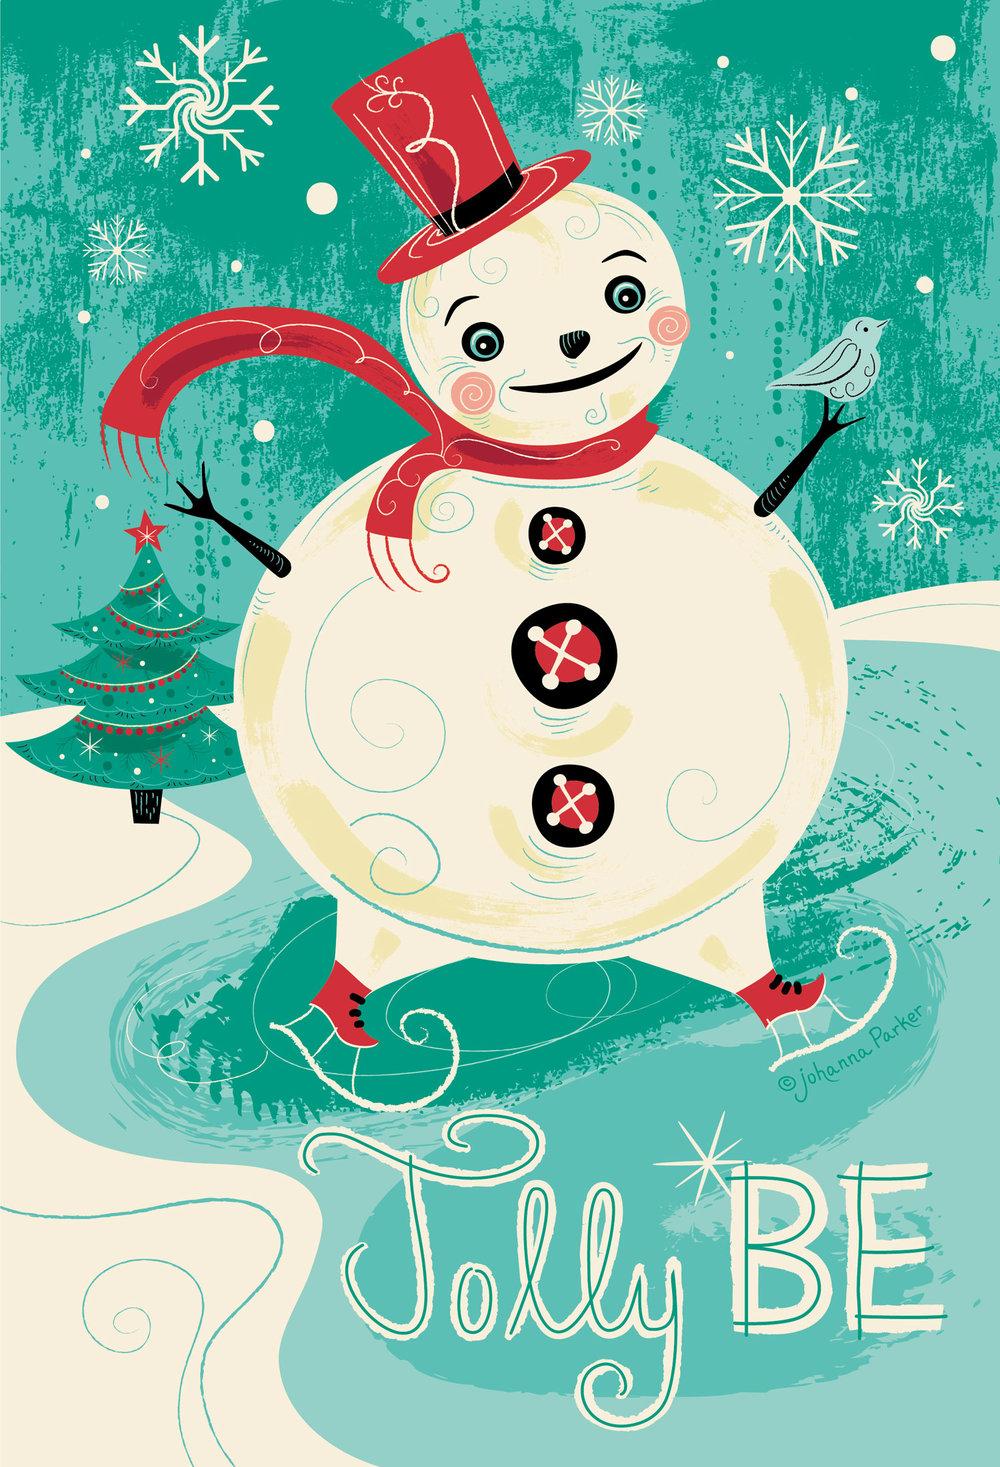 Jolly be skating snowman